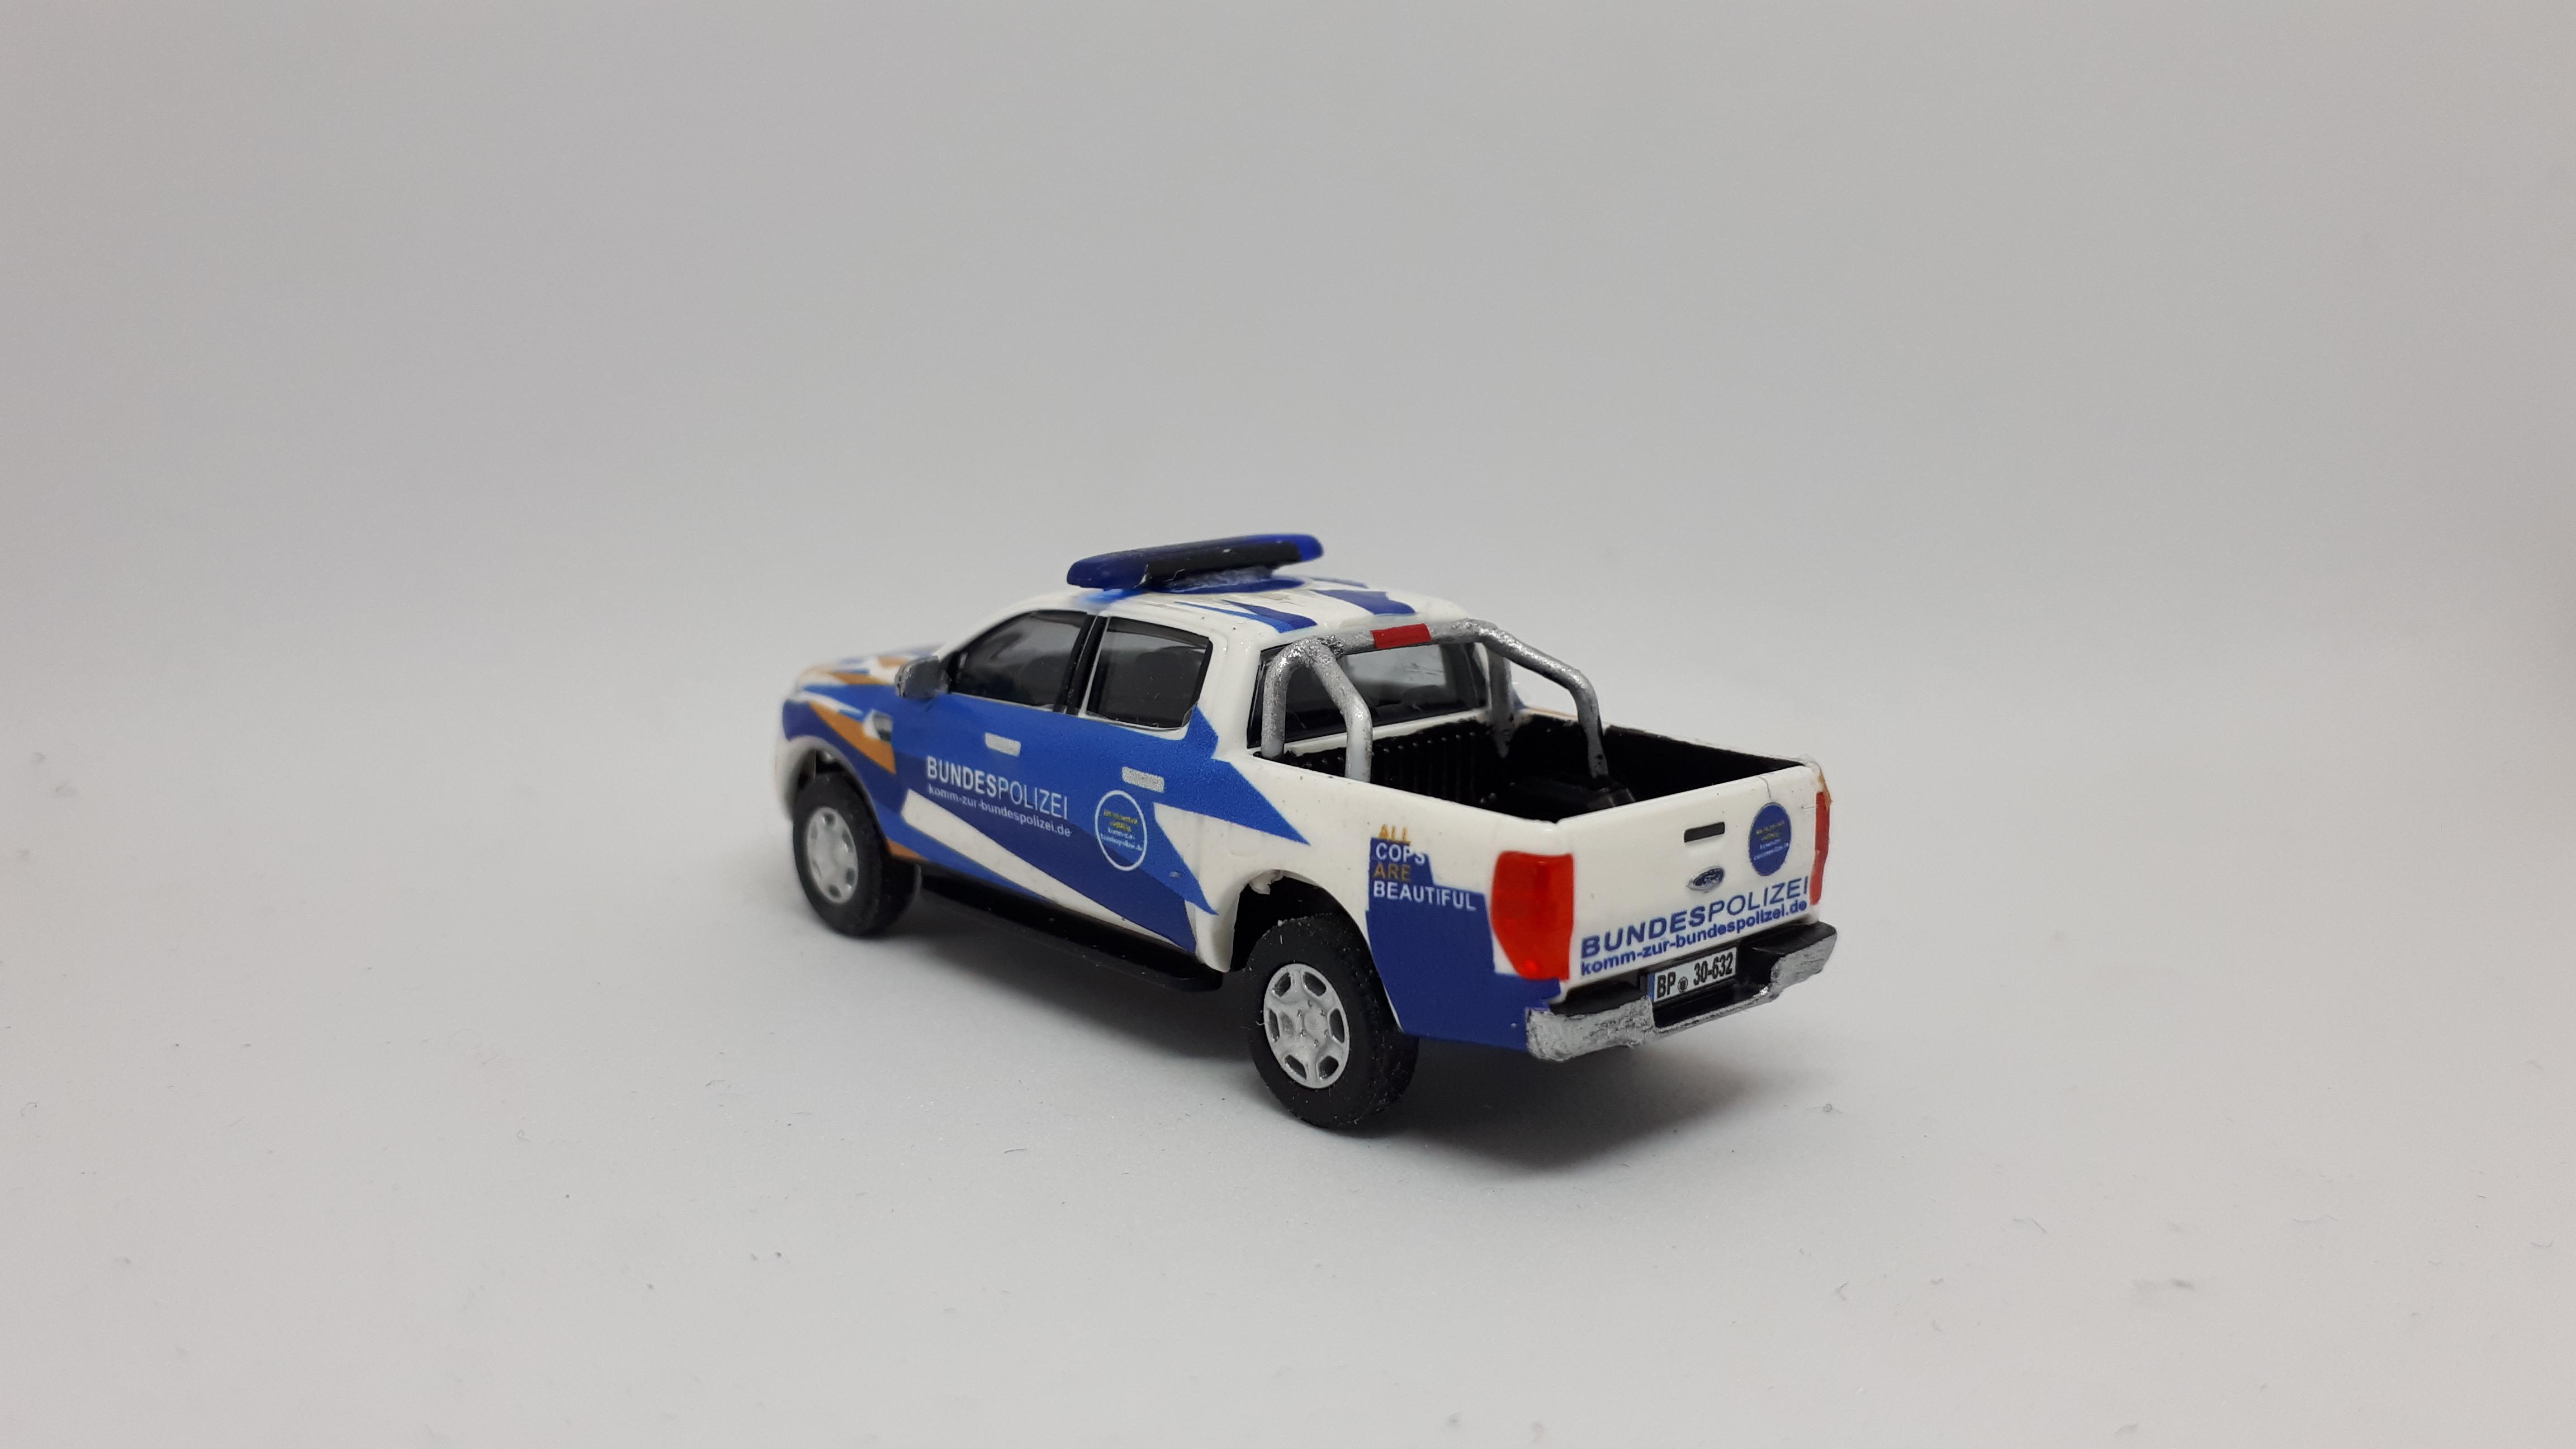 Ford Ranger Bundespolizei